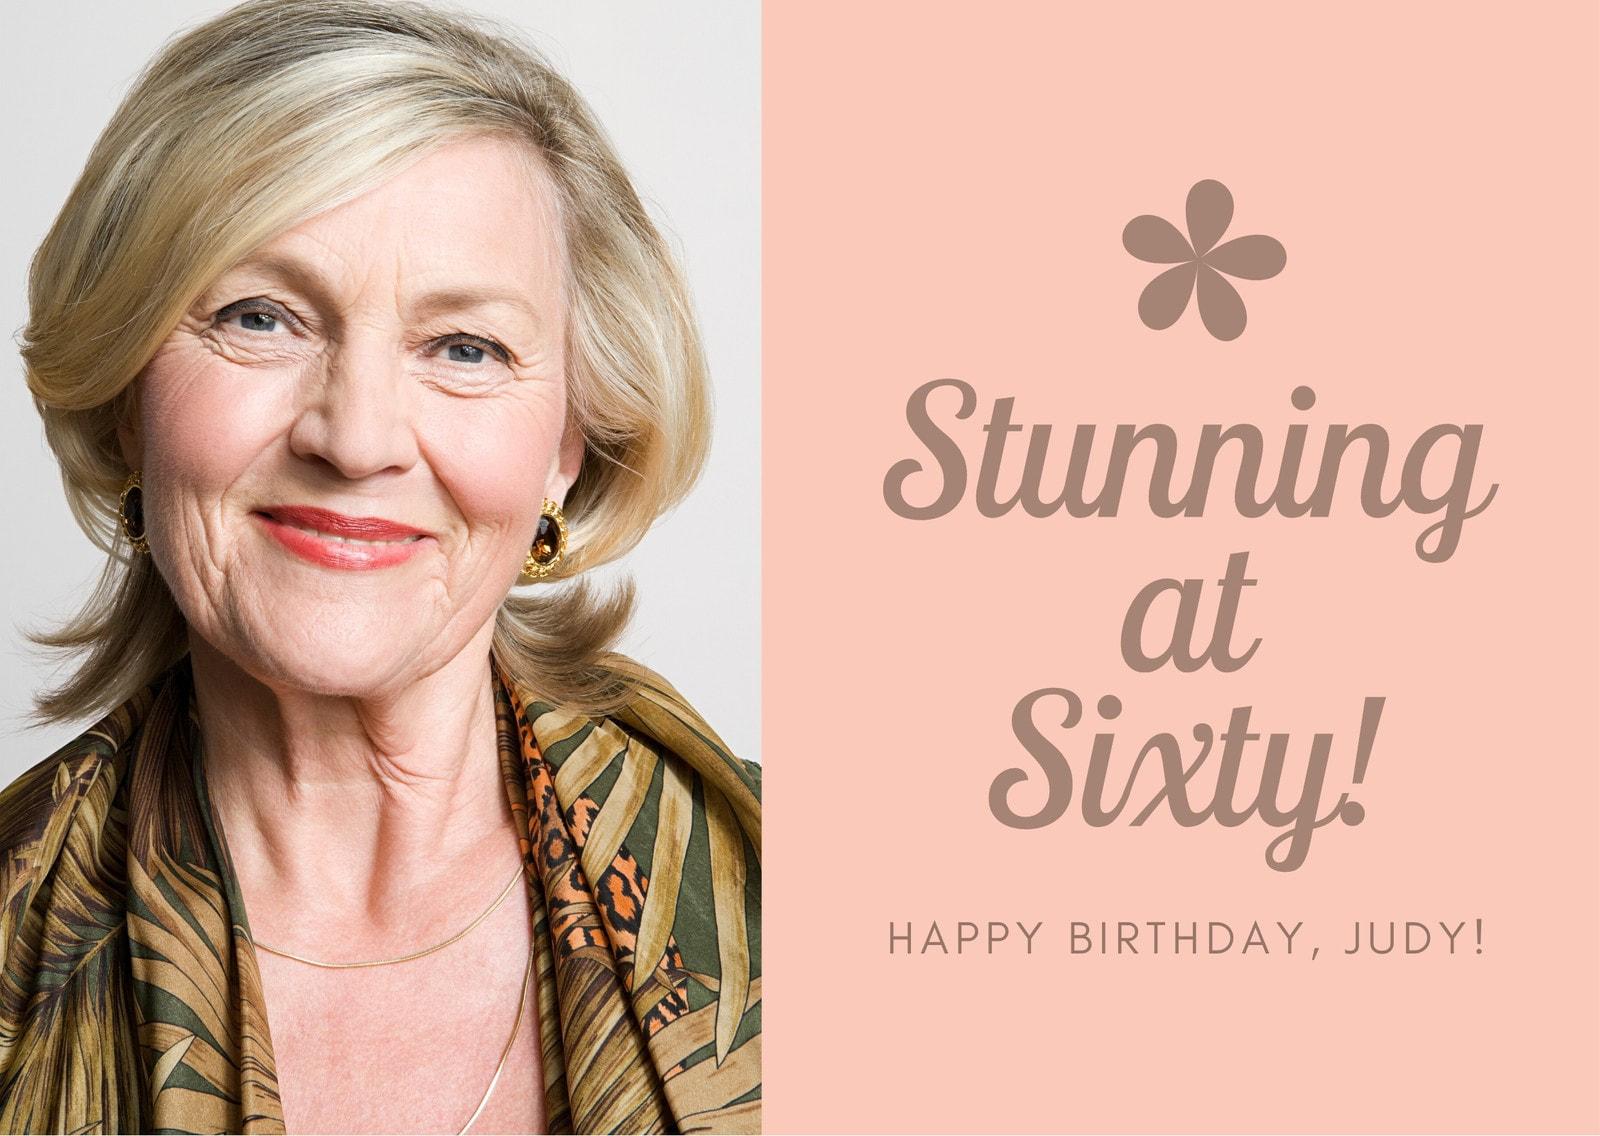 Peach Woman Photo 60th Birthday Card